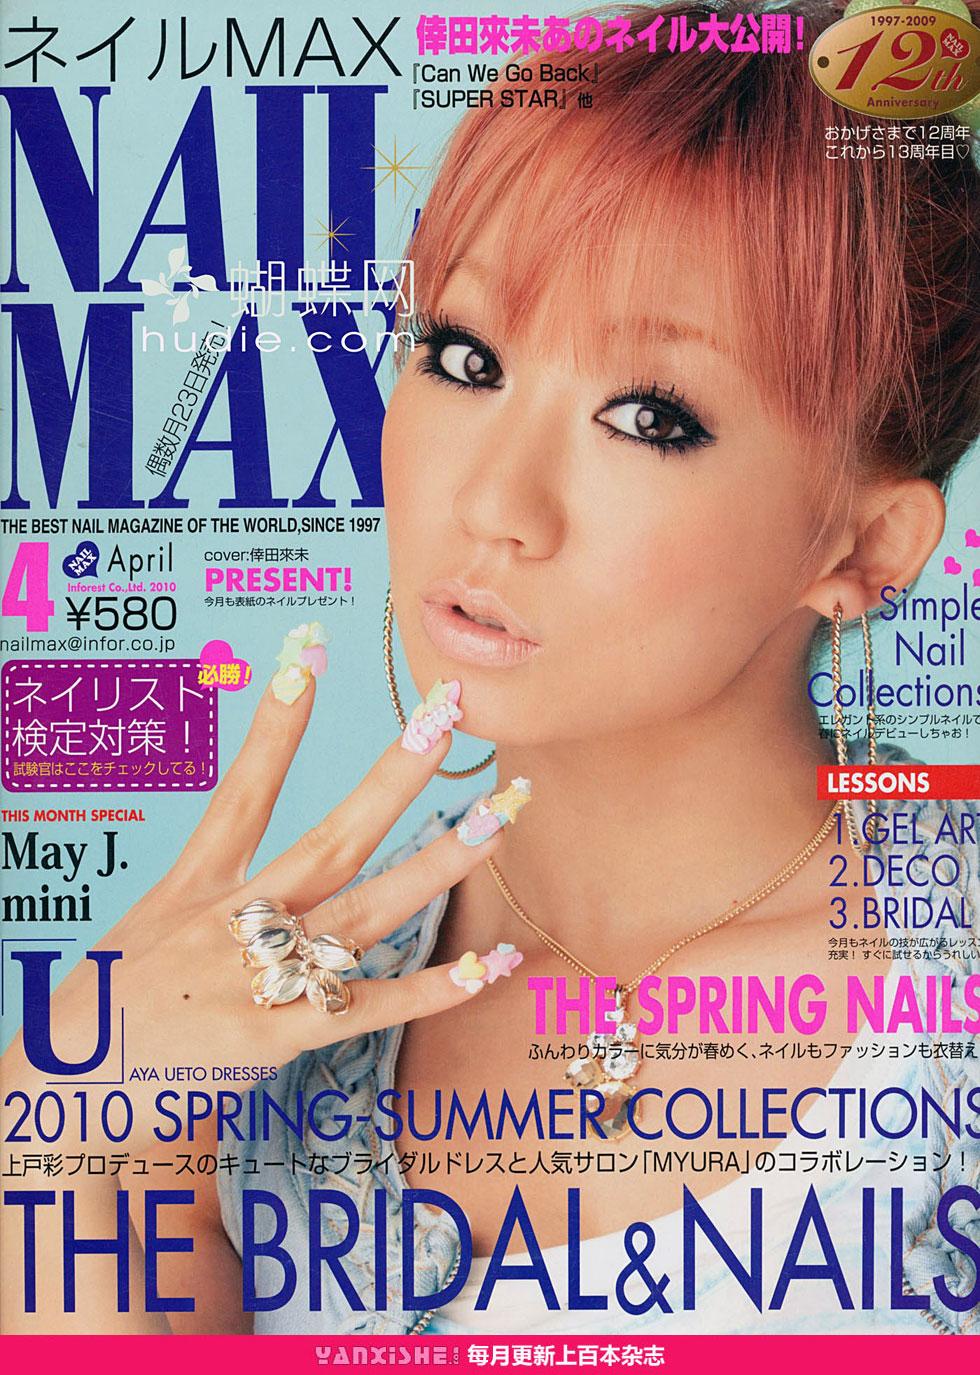 nail max april 2010 japanese nail art magazine scans koda kumi